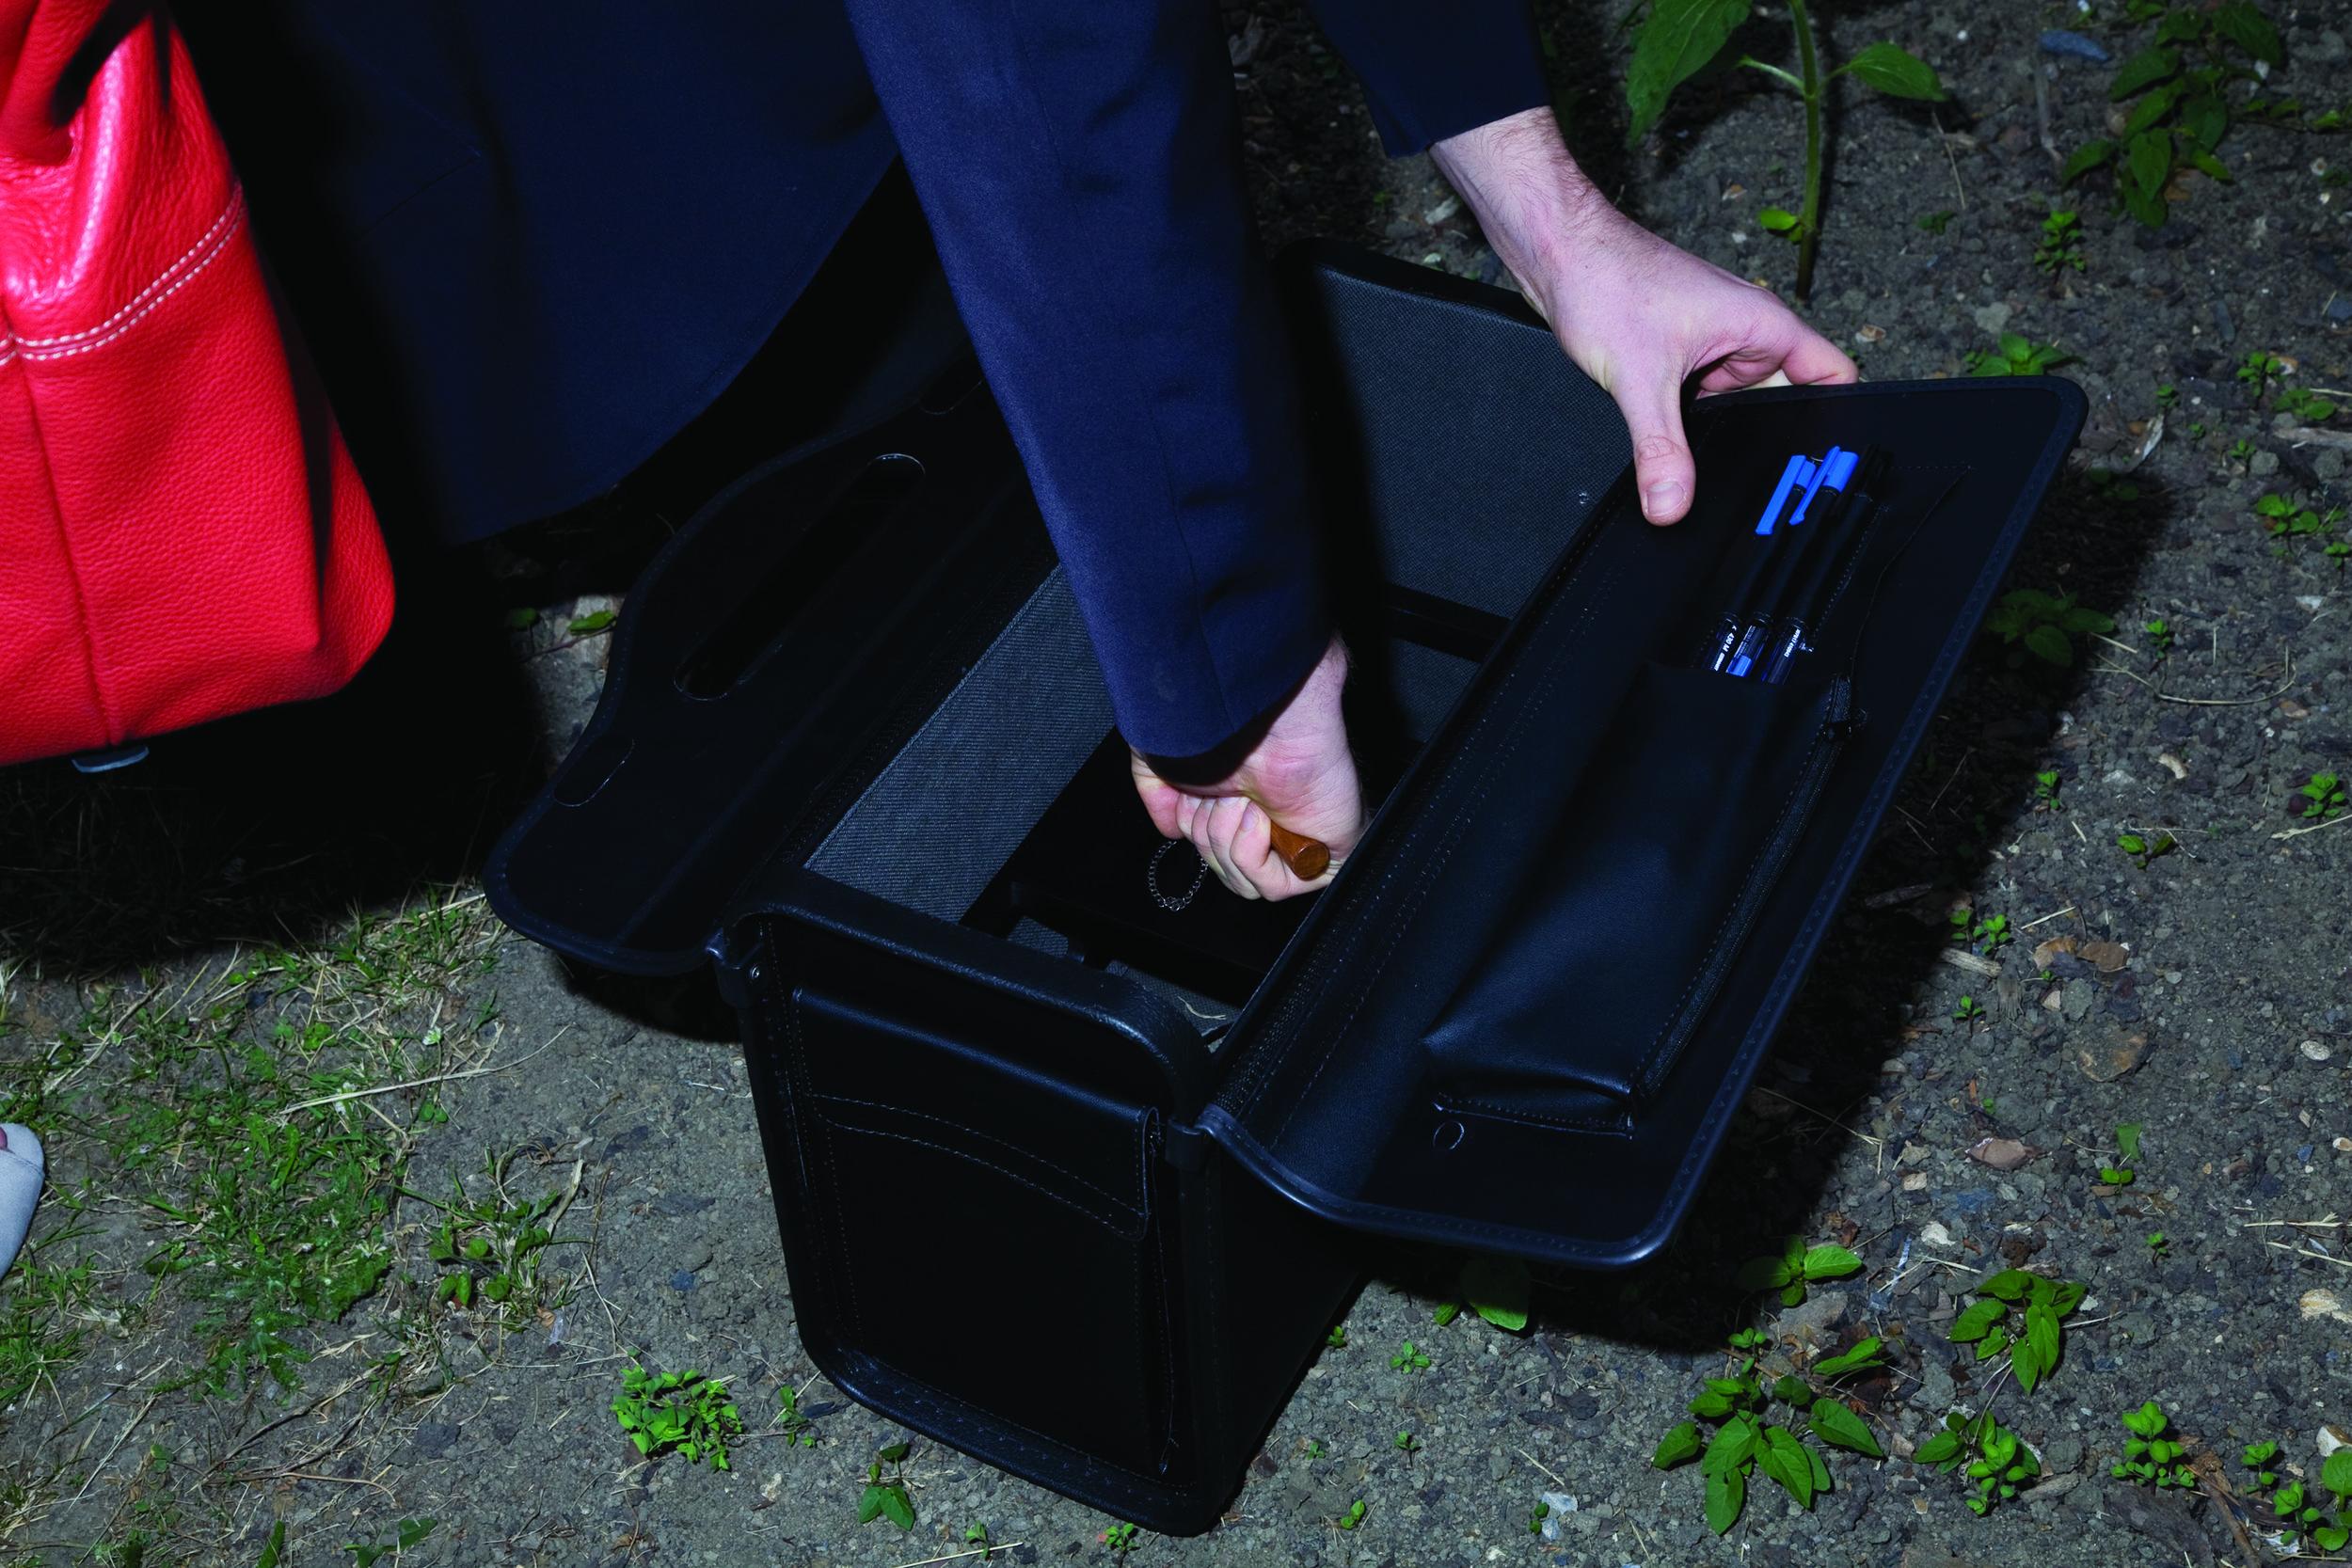 guerrillagardening_briefcase2.jpg